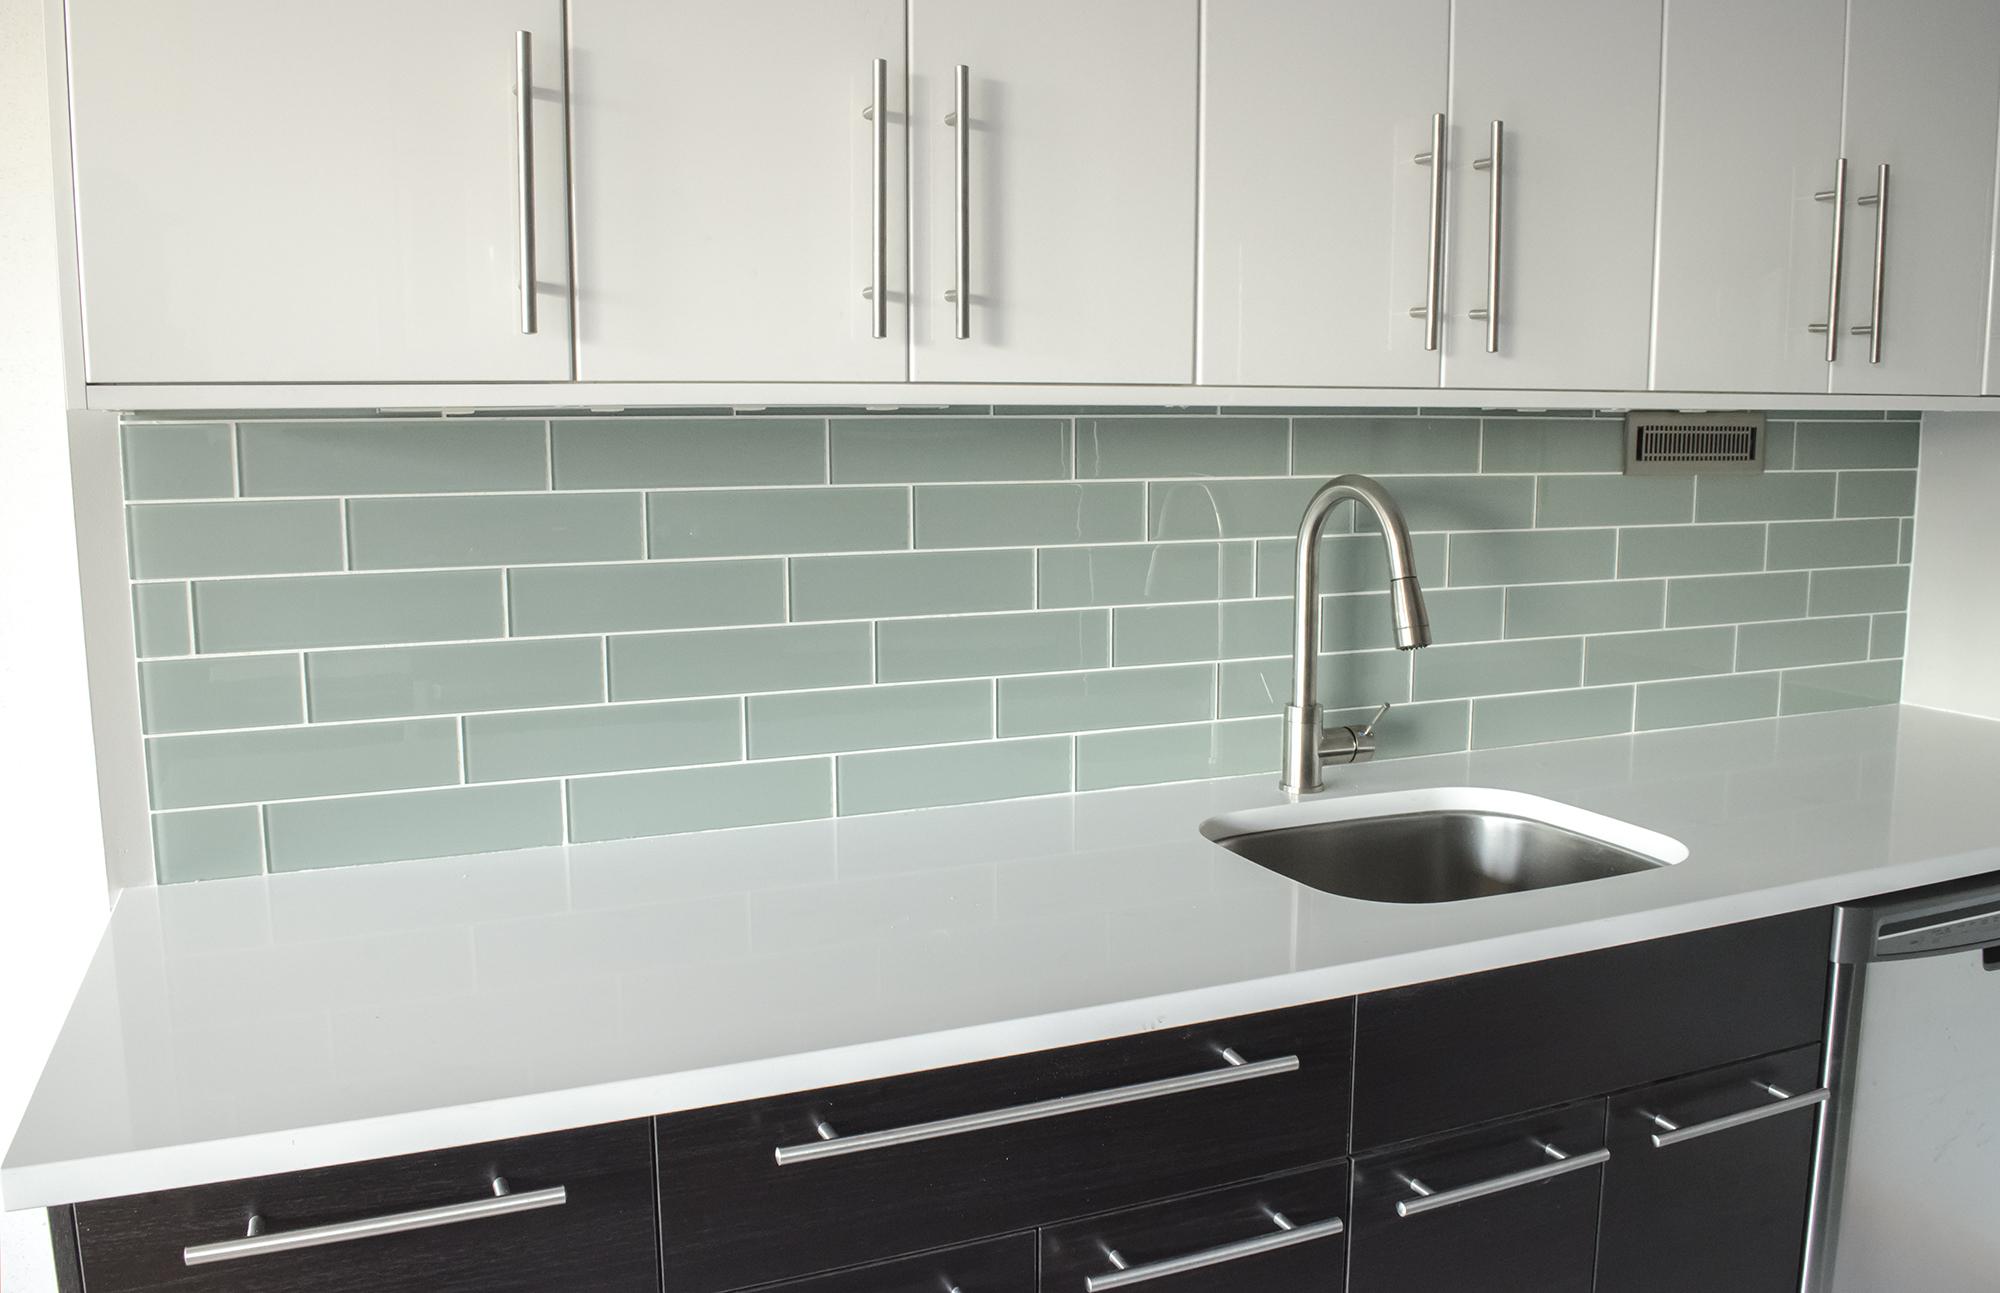 glass tiles for kitchen glass tile backsplash kitchen IKEA Kitchen Backsplash Tiles